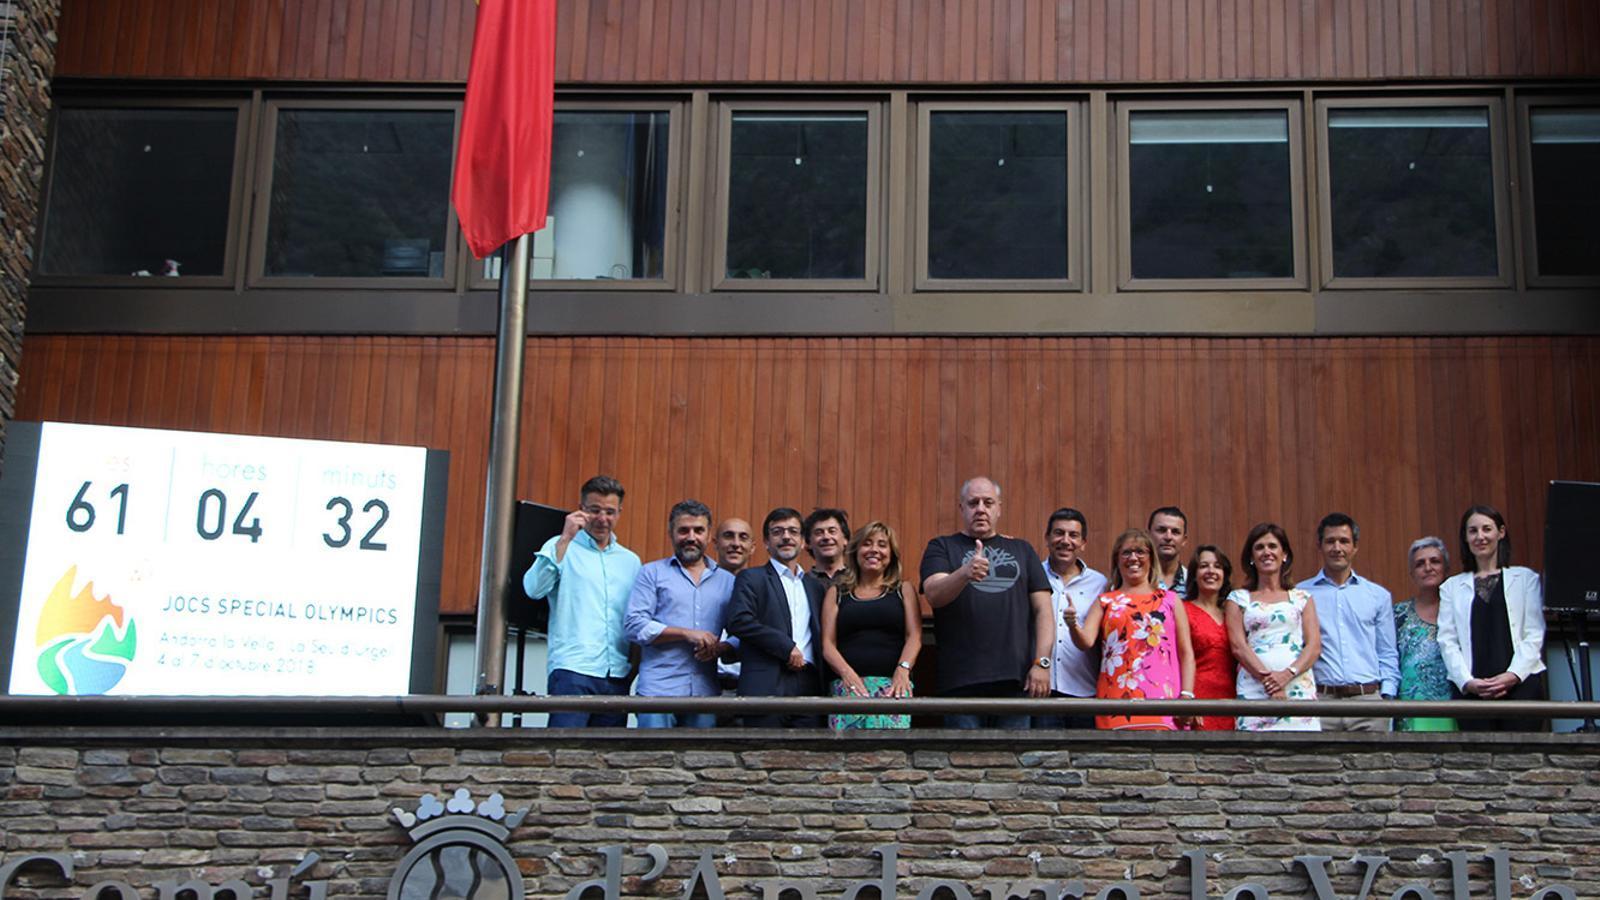 Fotografia de família de les autoritats i Carles Riba al balcó del comú d'Andorra la Vella. / M. F. (ANA)